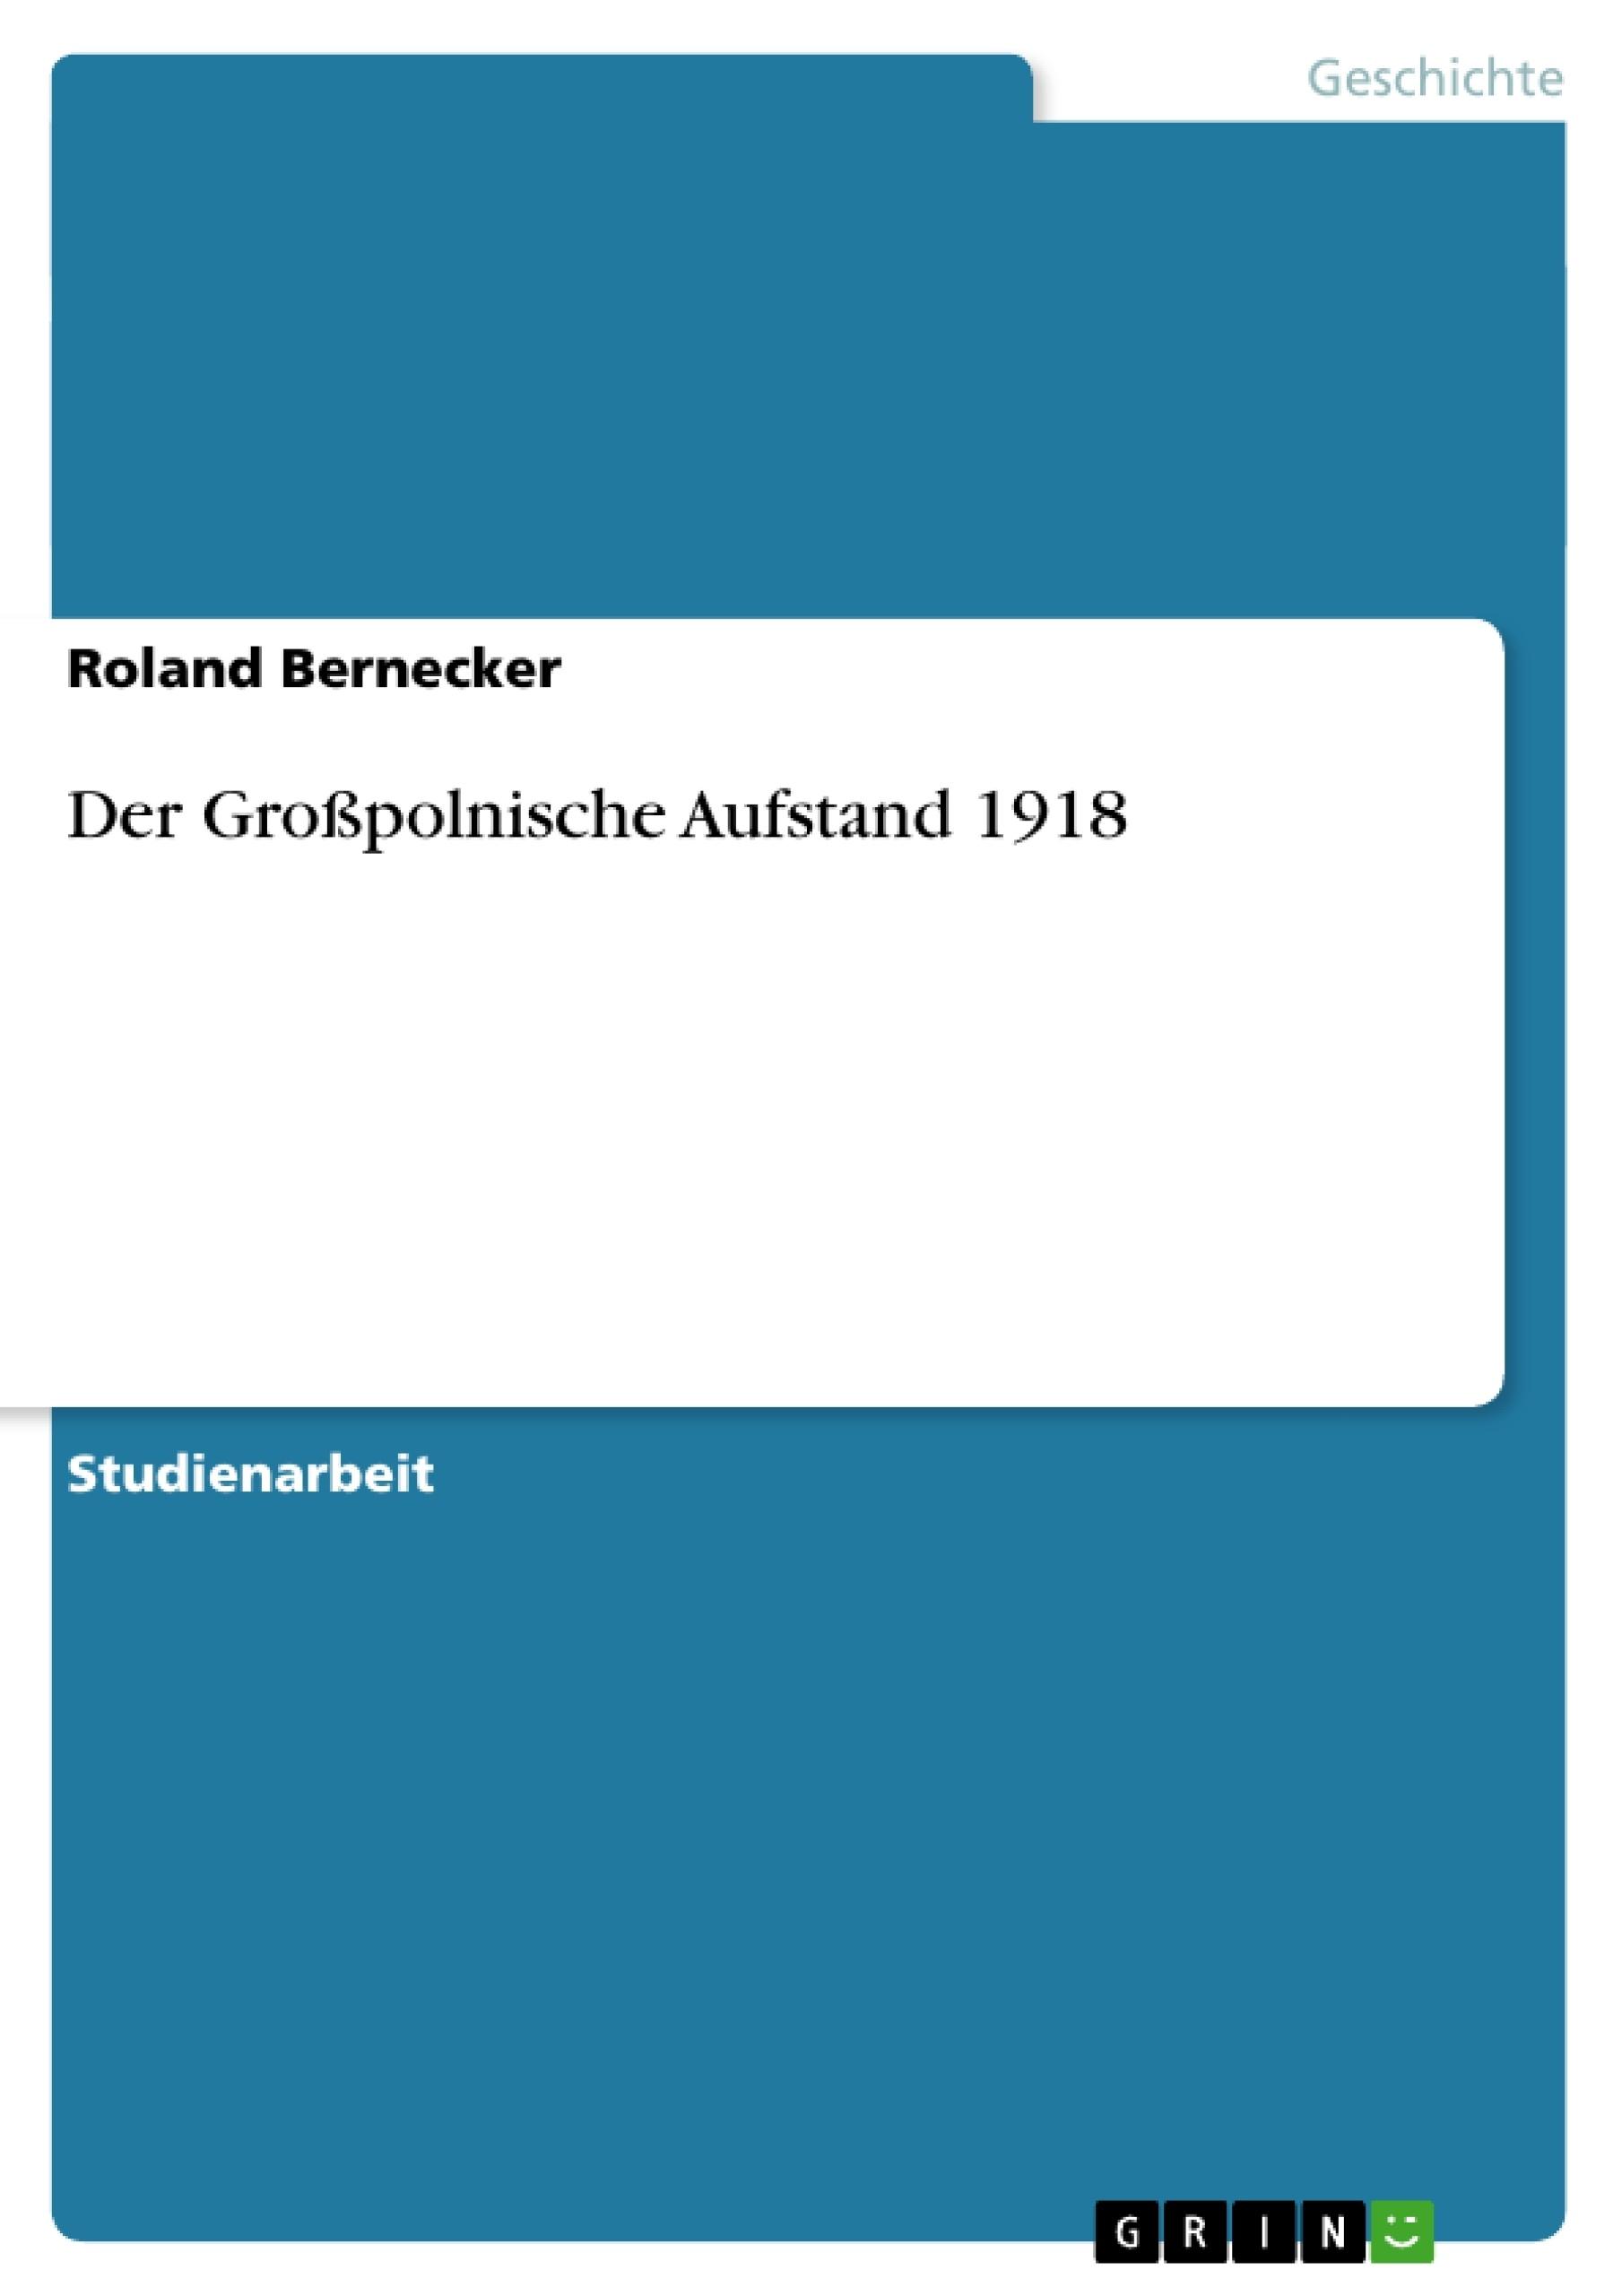 Titel: Der Großpolnische Aufstand 1918